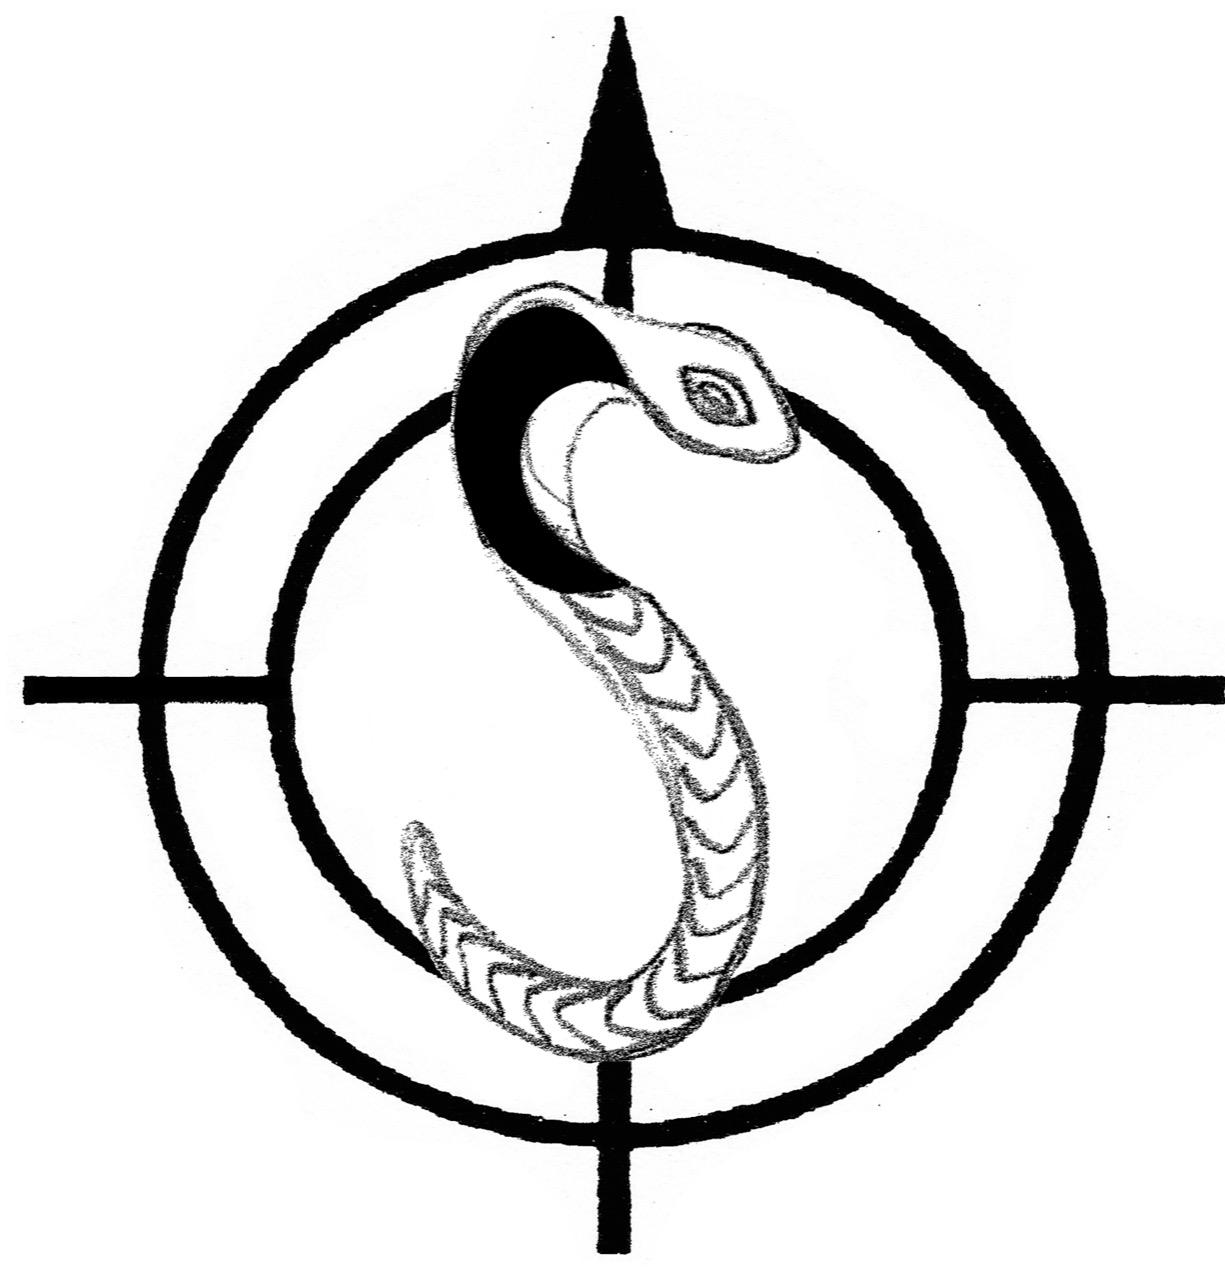 compass-notext.jpg